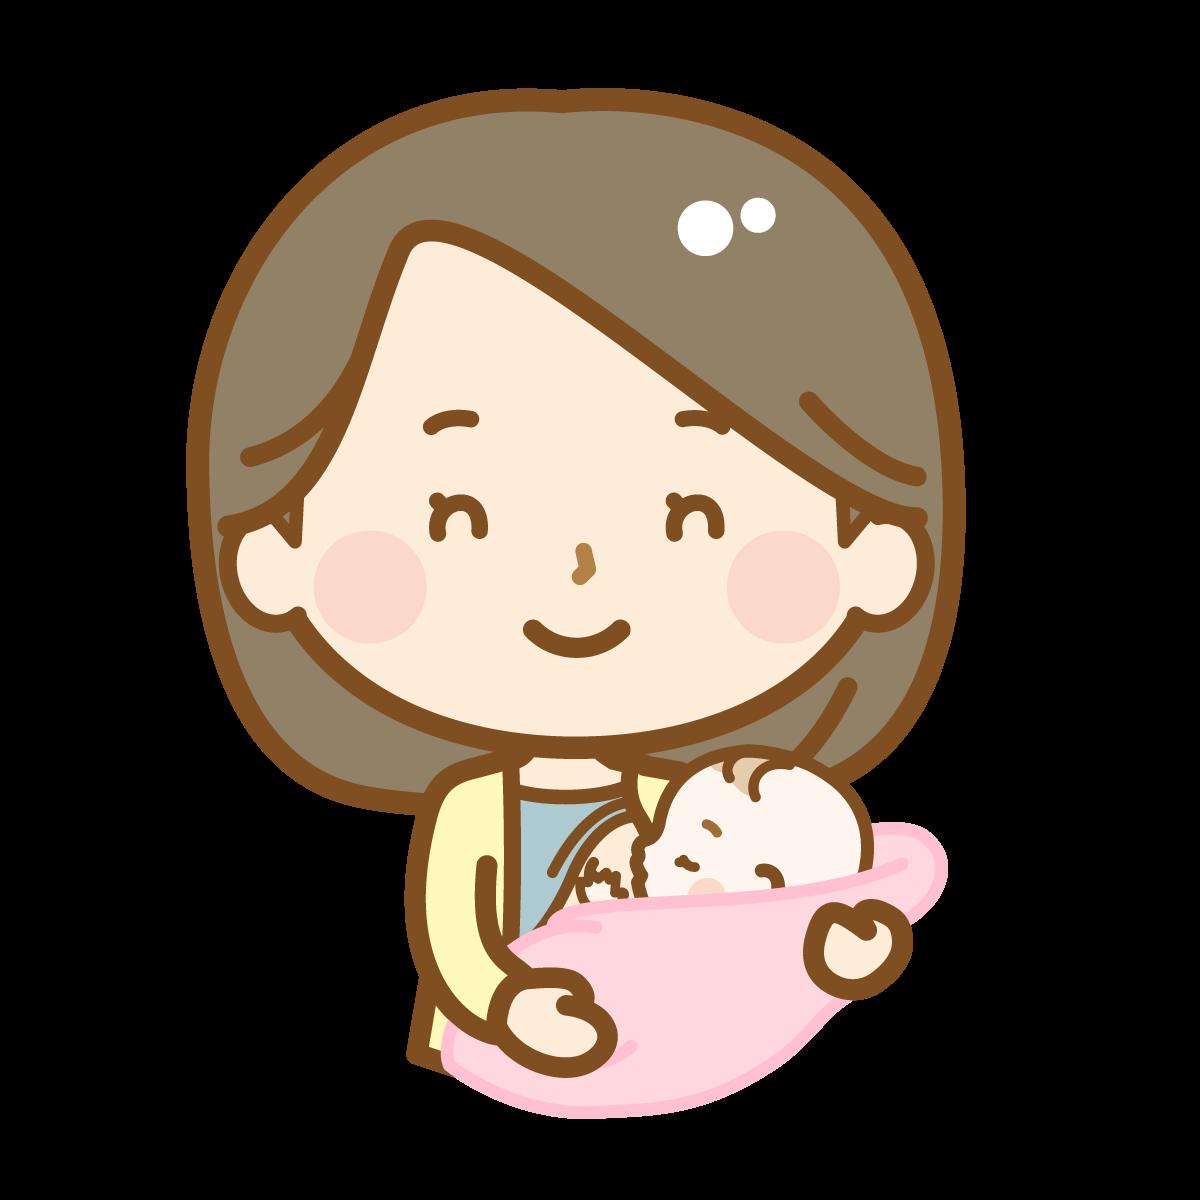 授乳中の母親がmRNAワクチンを接種すると、母乳中にmRNAワクチンは検出されるか?